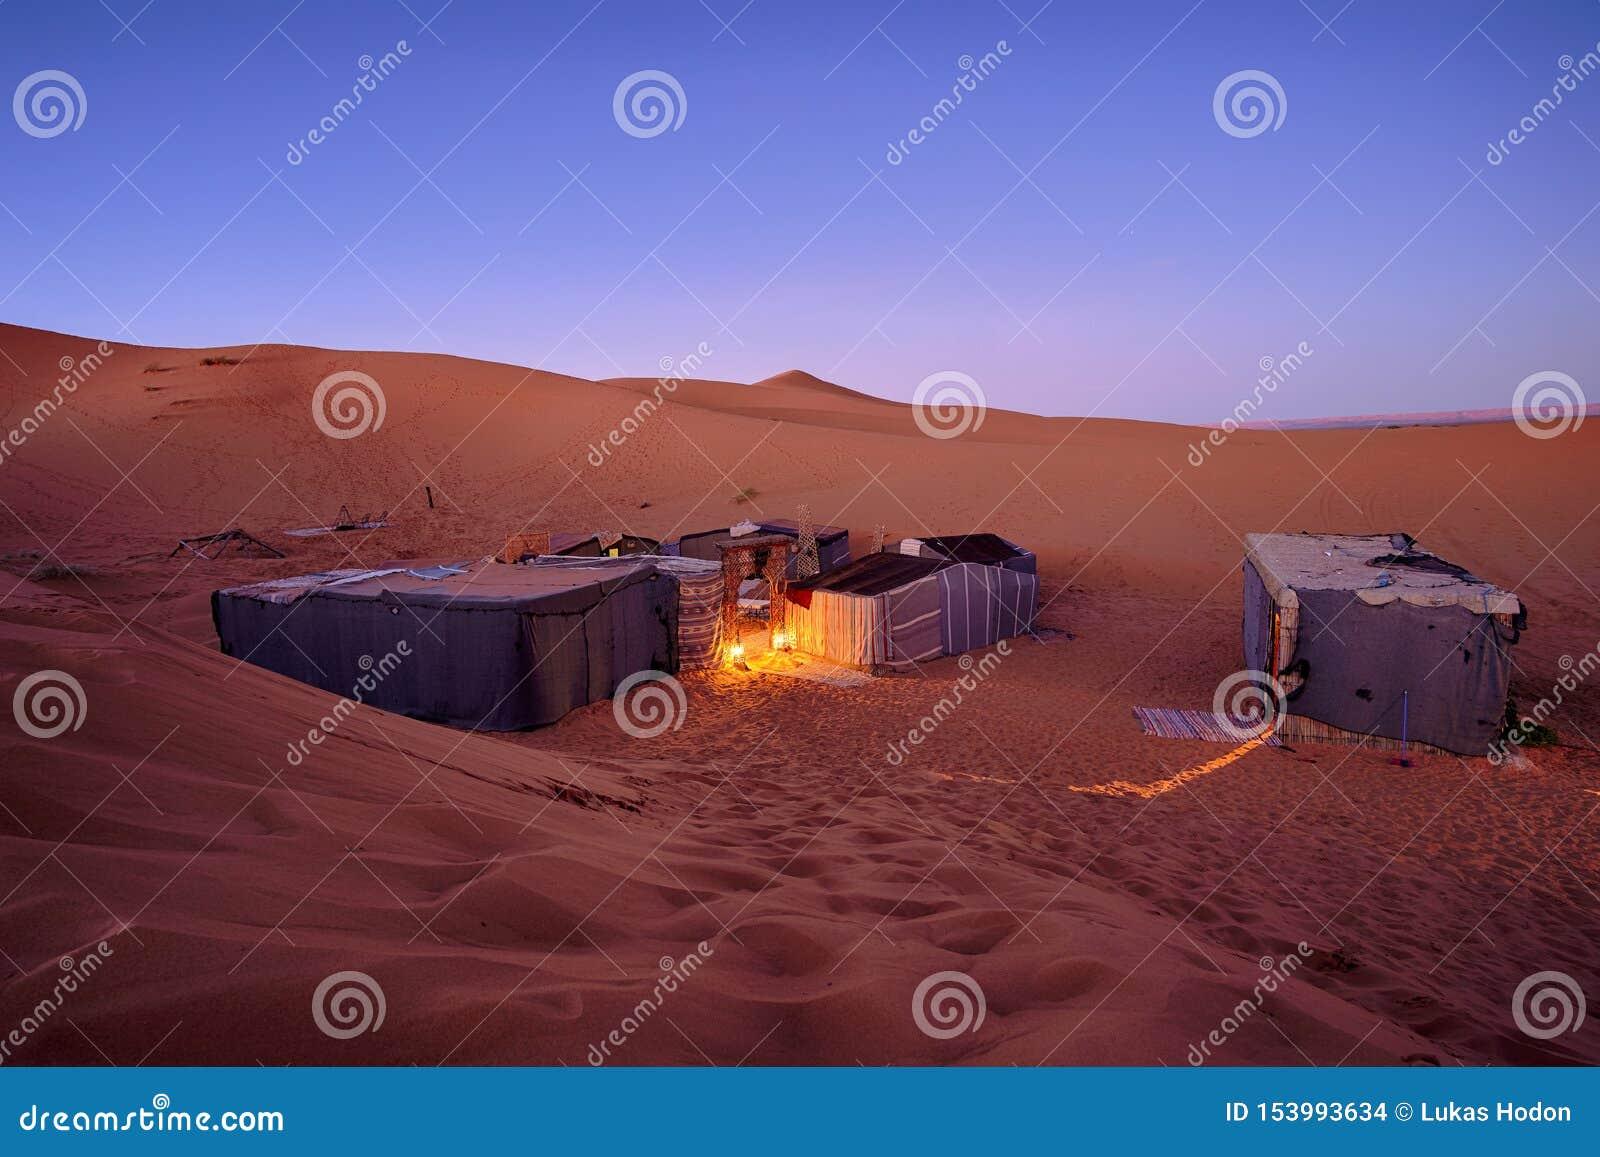 Terrain de camping touristique de désert avec des tentes derrière les dunes de sable